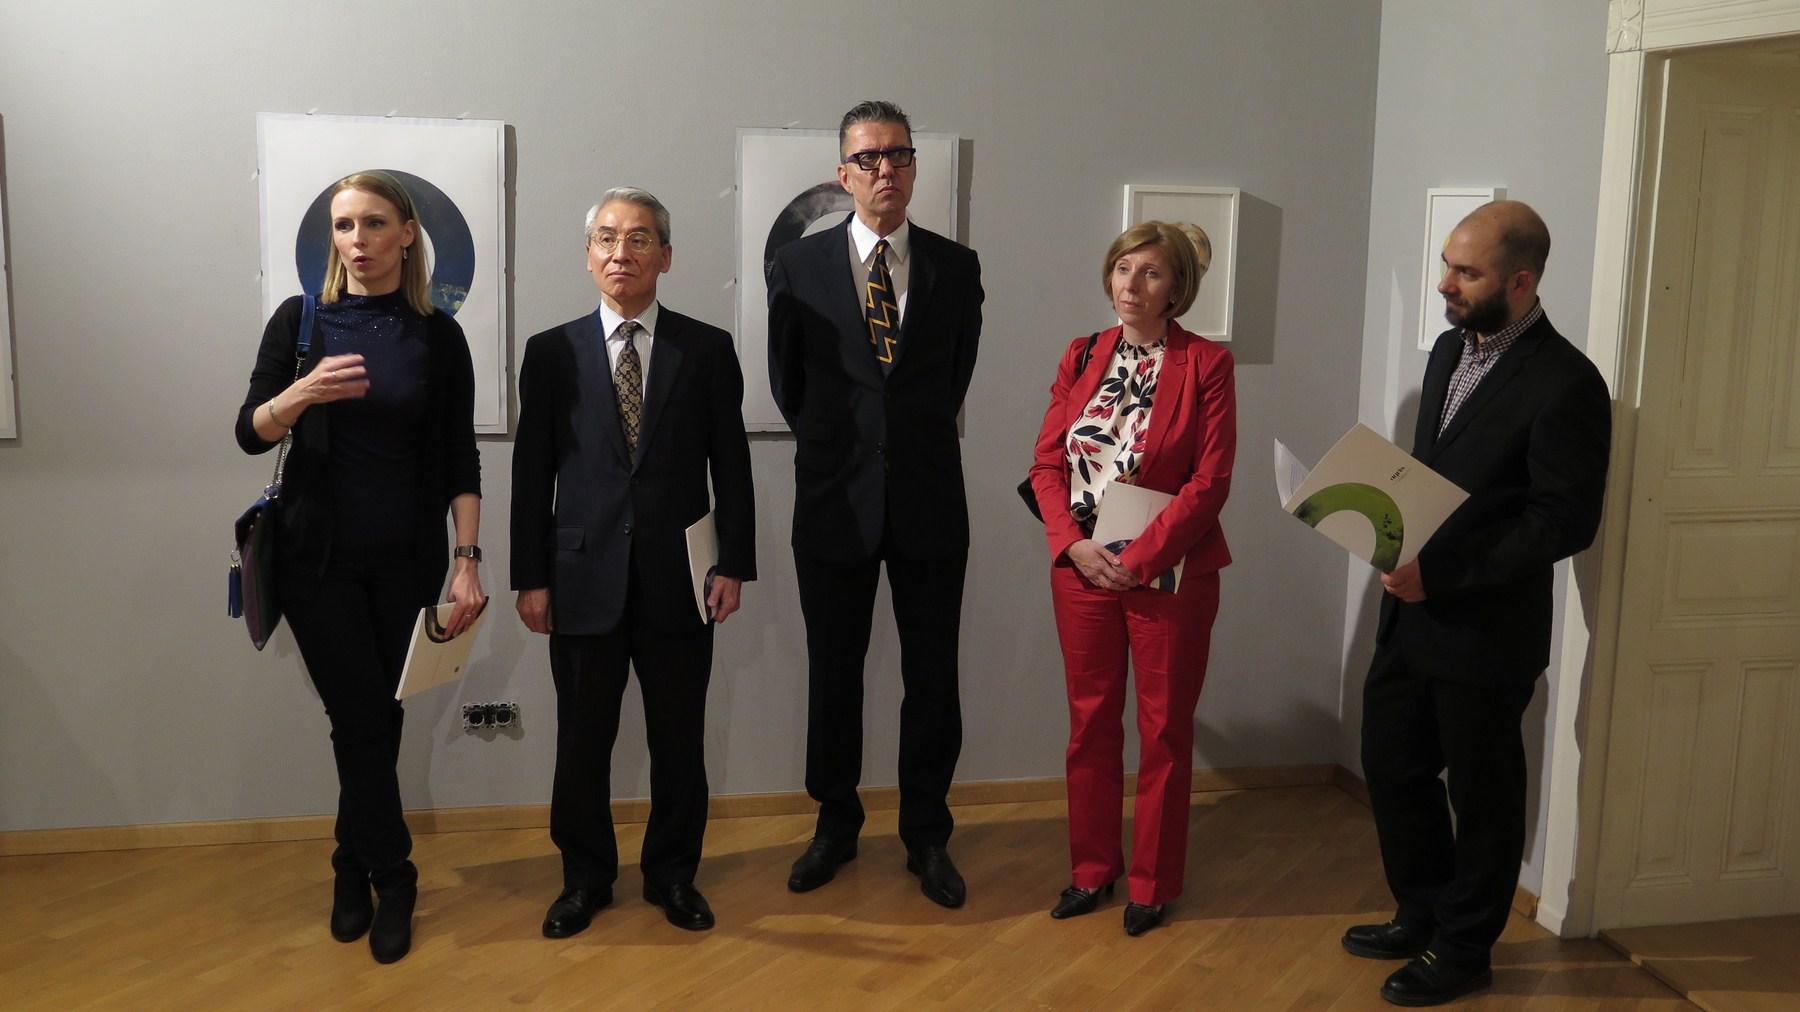 Japanski veleposlanik g. Keiji Takiguchi otvorio izložbu grafika slovensko-hrvatskog akademskog umjetnika Leona Zakrajšeka